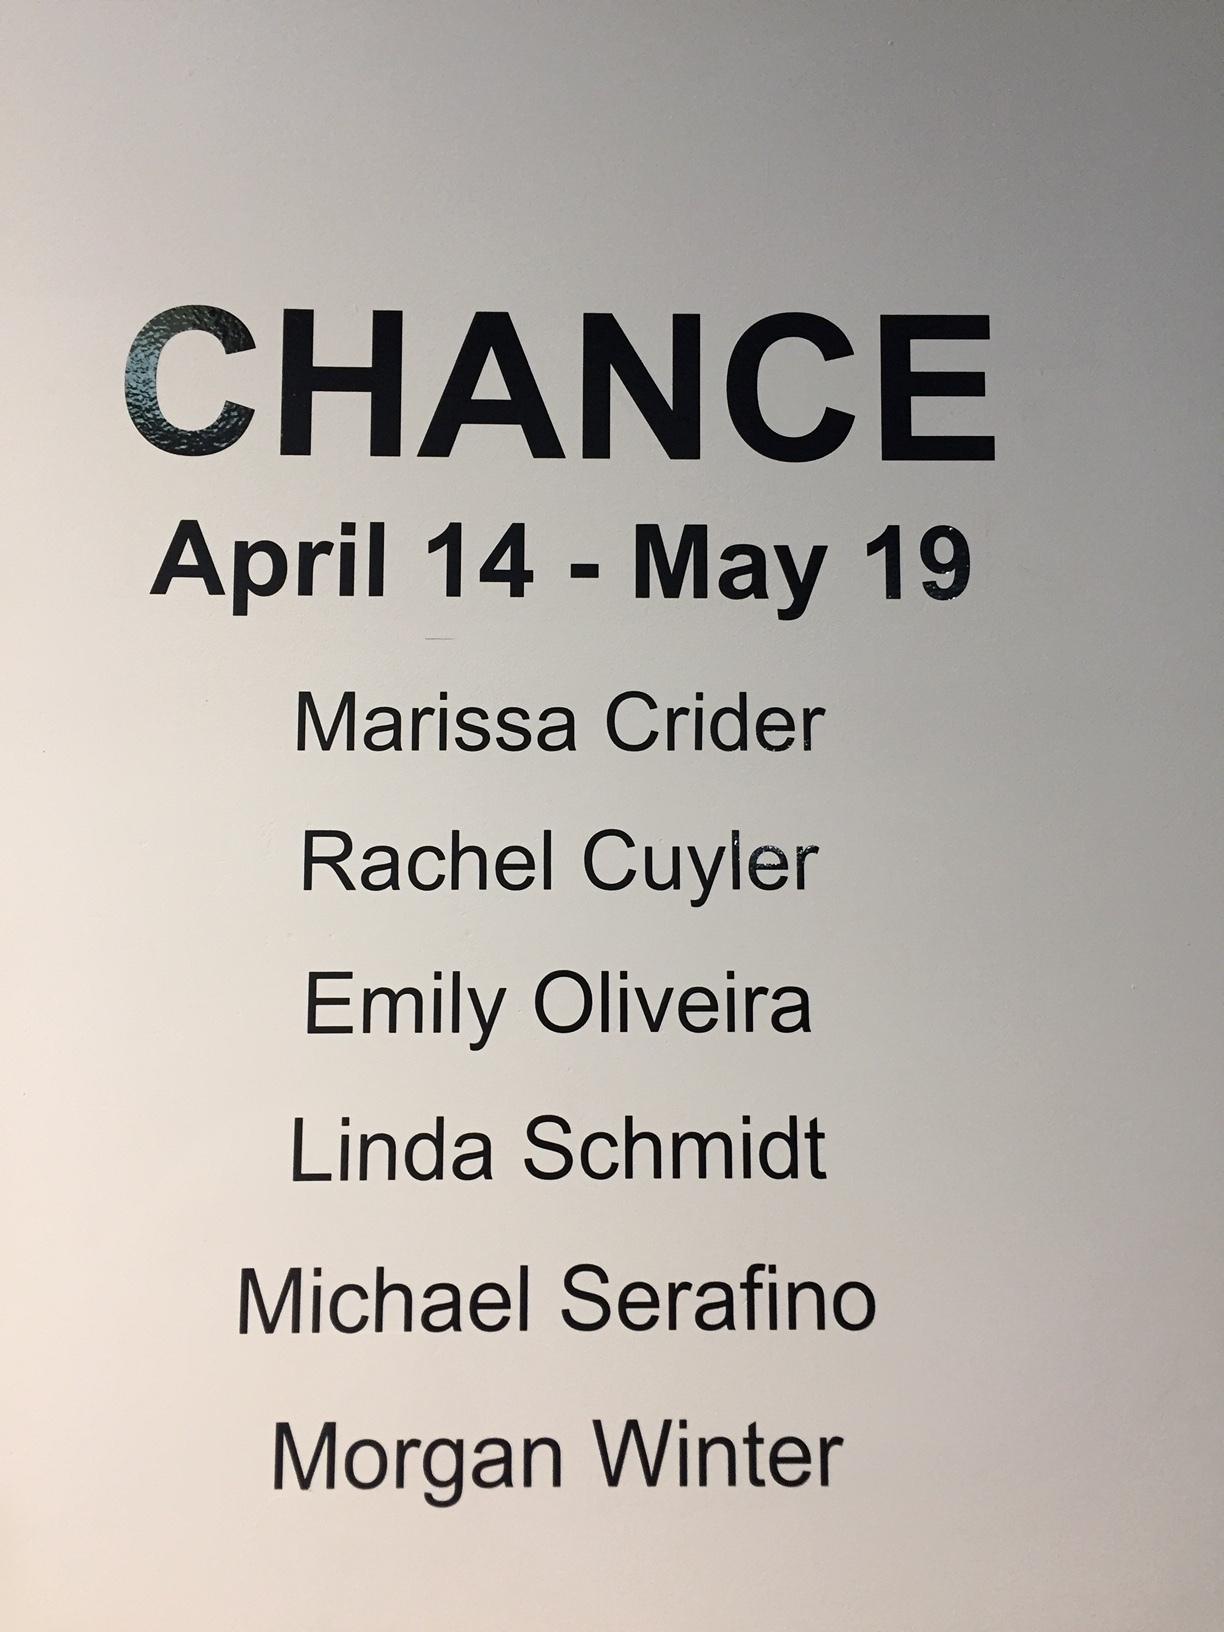 Chance - April 14, 2017